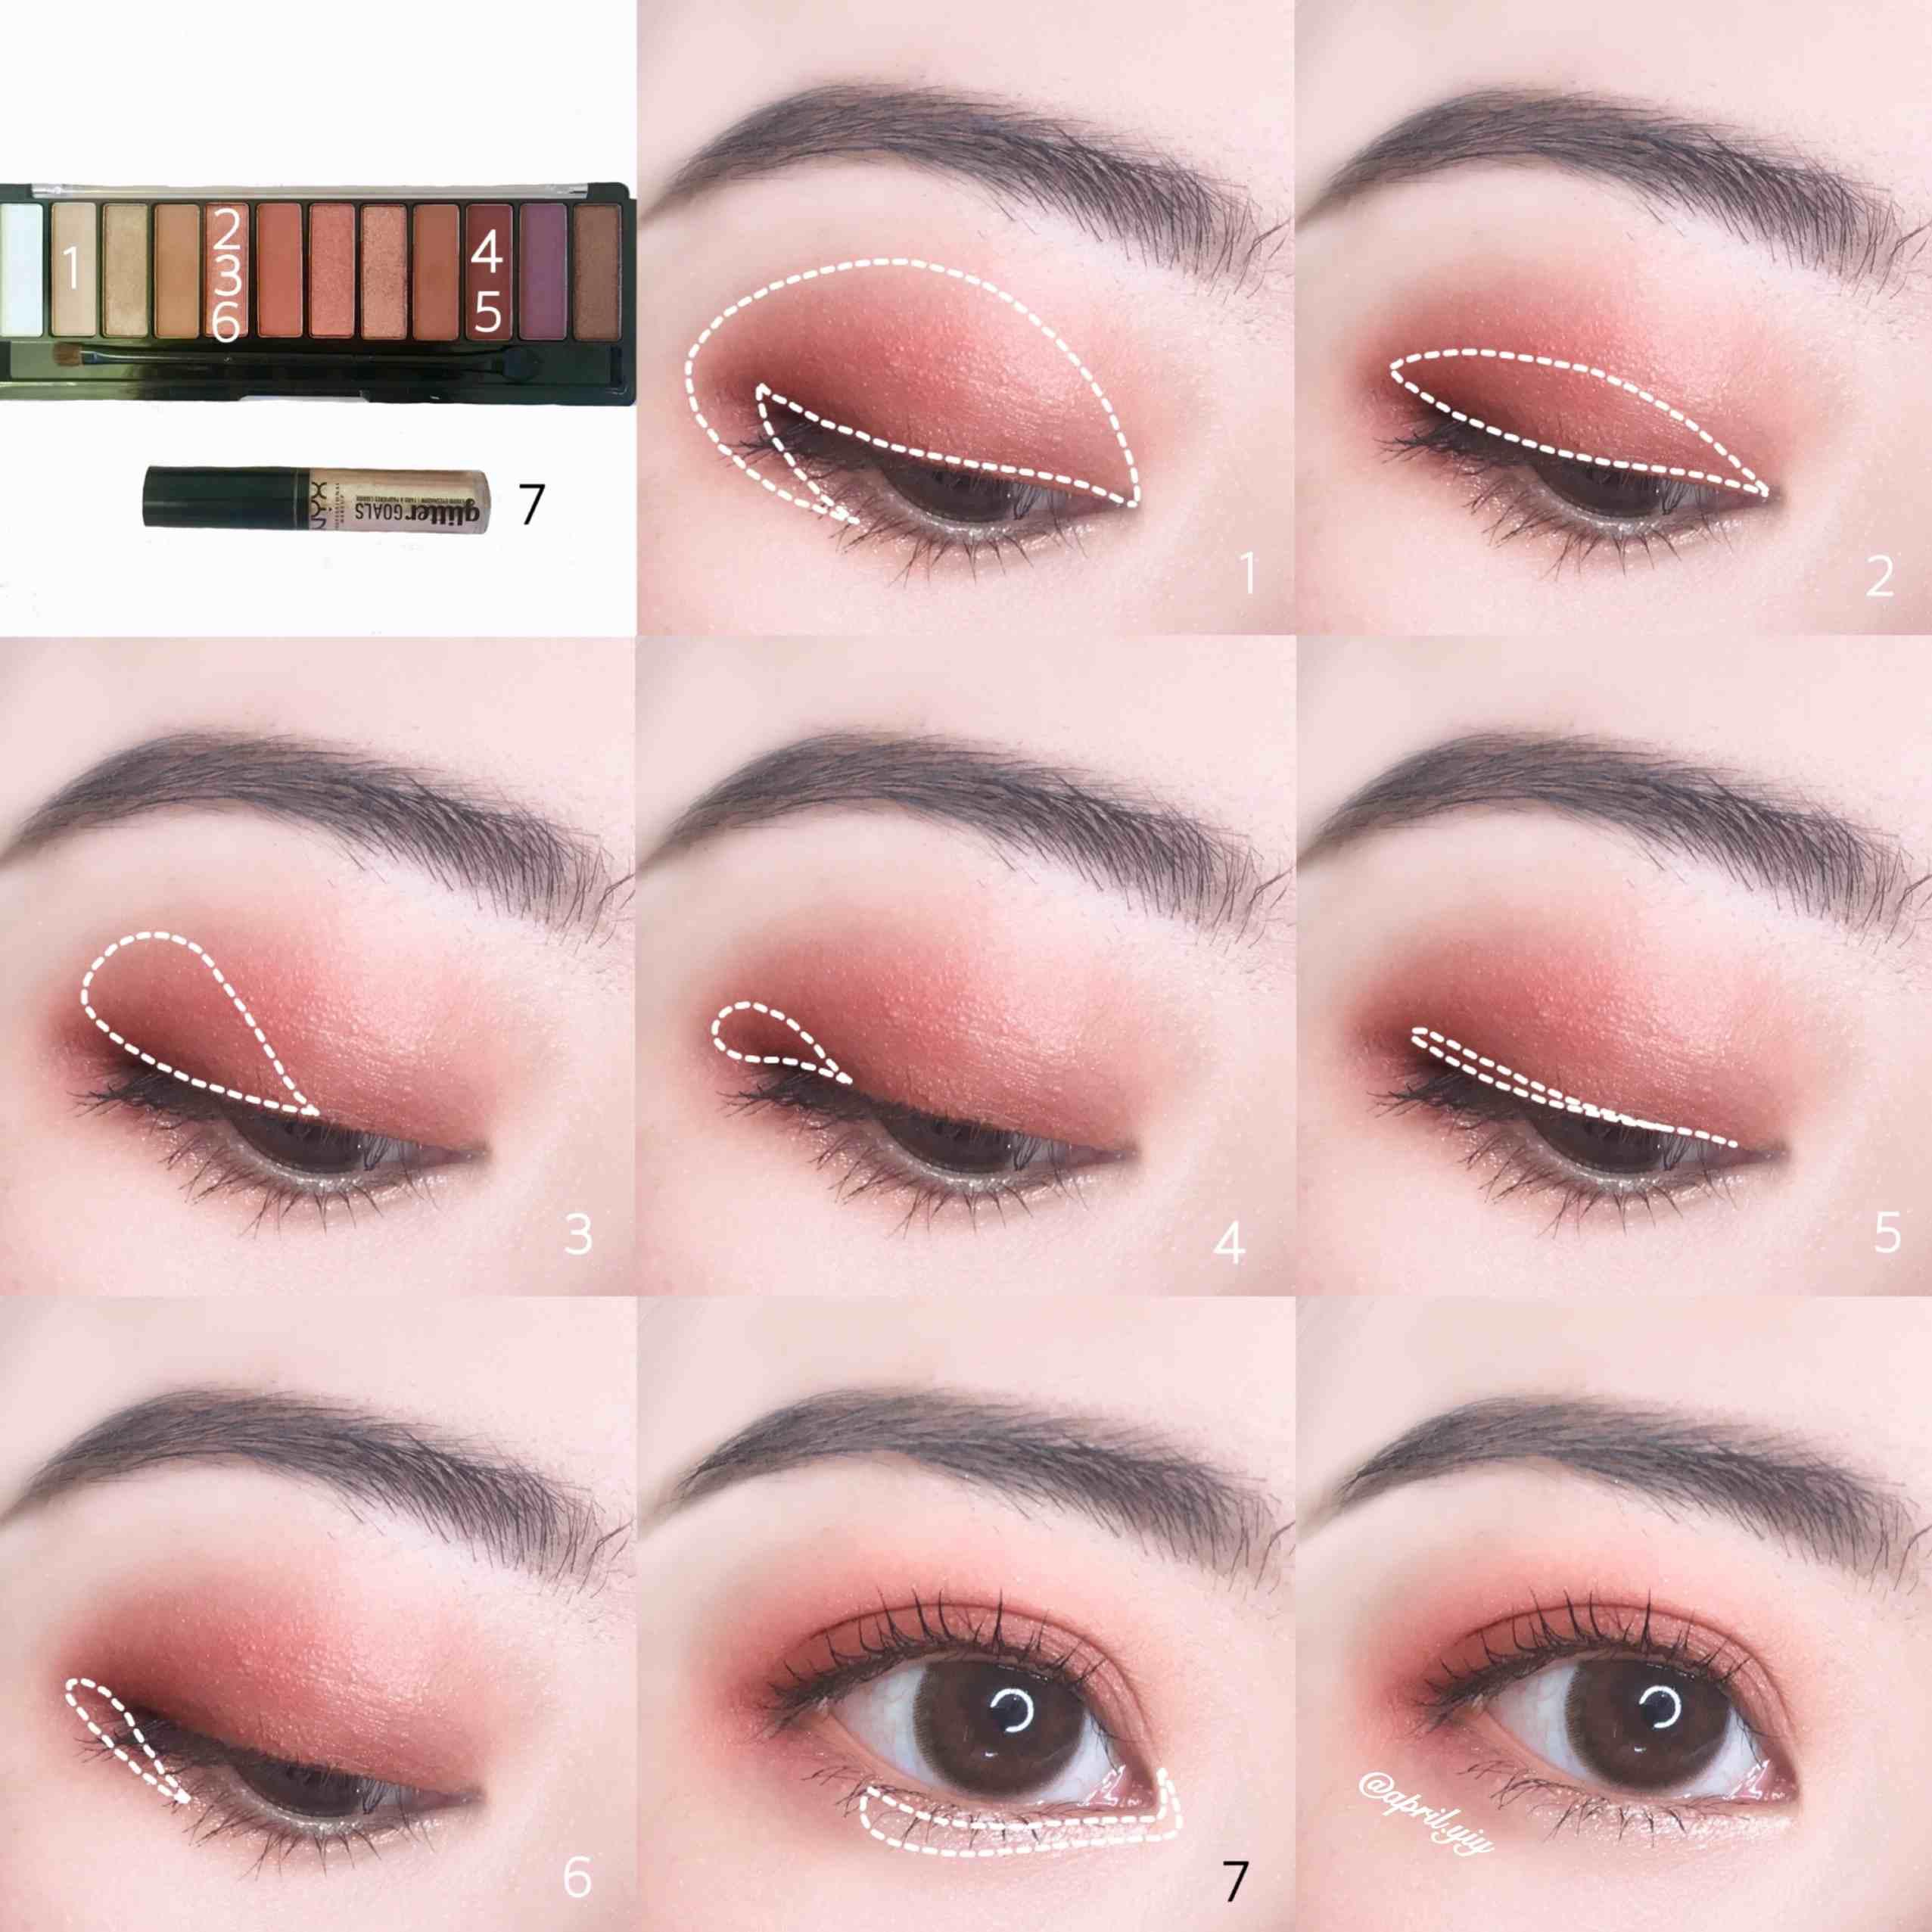 1. 先使用比自己膚色再深一些些的眼影做眼窩的打底,加強眼睛輪廓的深邃度 2. 使用帶有珠光的粉色或是深粉色化在眼摺的位置,之後再向上暈染一些些,讓整體顏色更加自然 3. 沾取一樣的粉色加深眼皮後半部,製造漸層感 4. 使用偏紅的深棕色加深眼尾 5. 使用同一個深棕色上在睫毛根部 6. 使用同一個粉色上在眼下後1/3的位置